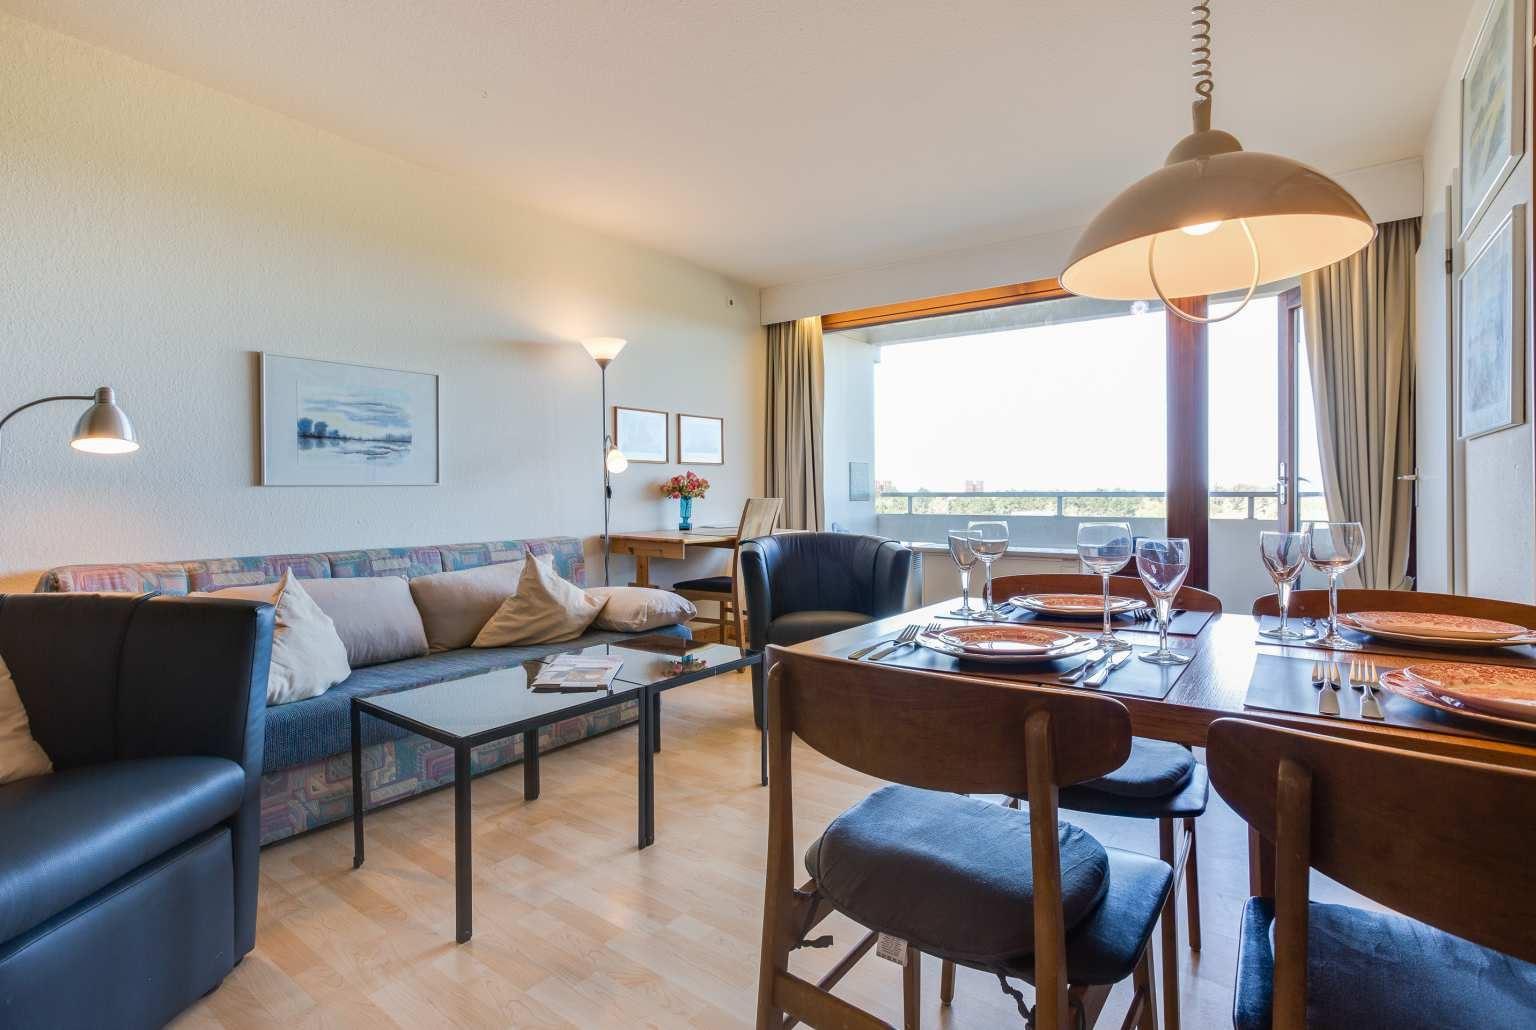 Wohnzimmer mit Essbereich, Ferienwohnung Nr. 80, St Peter Ording Bad, Haus Atlantic,  Alter Badweg 11-15